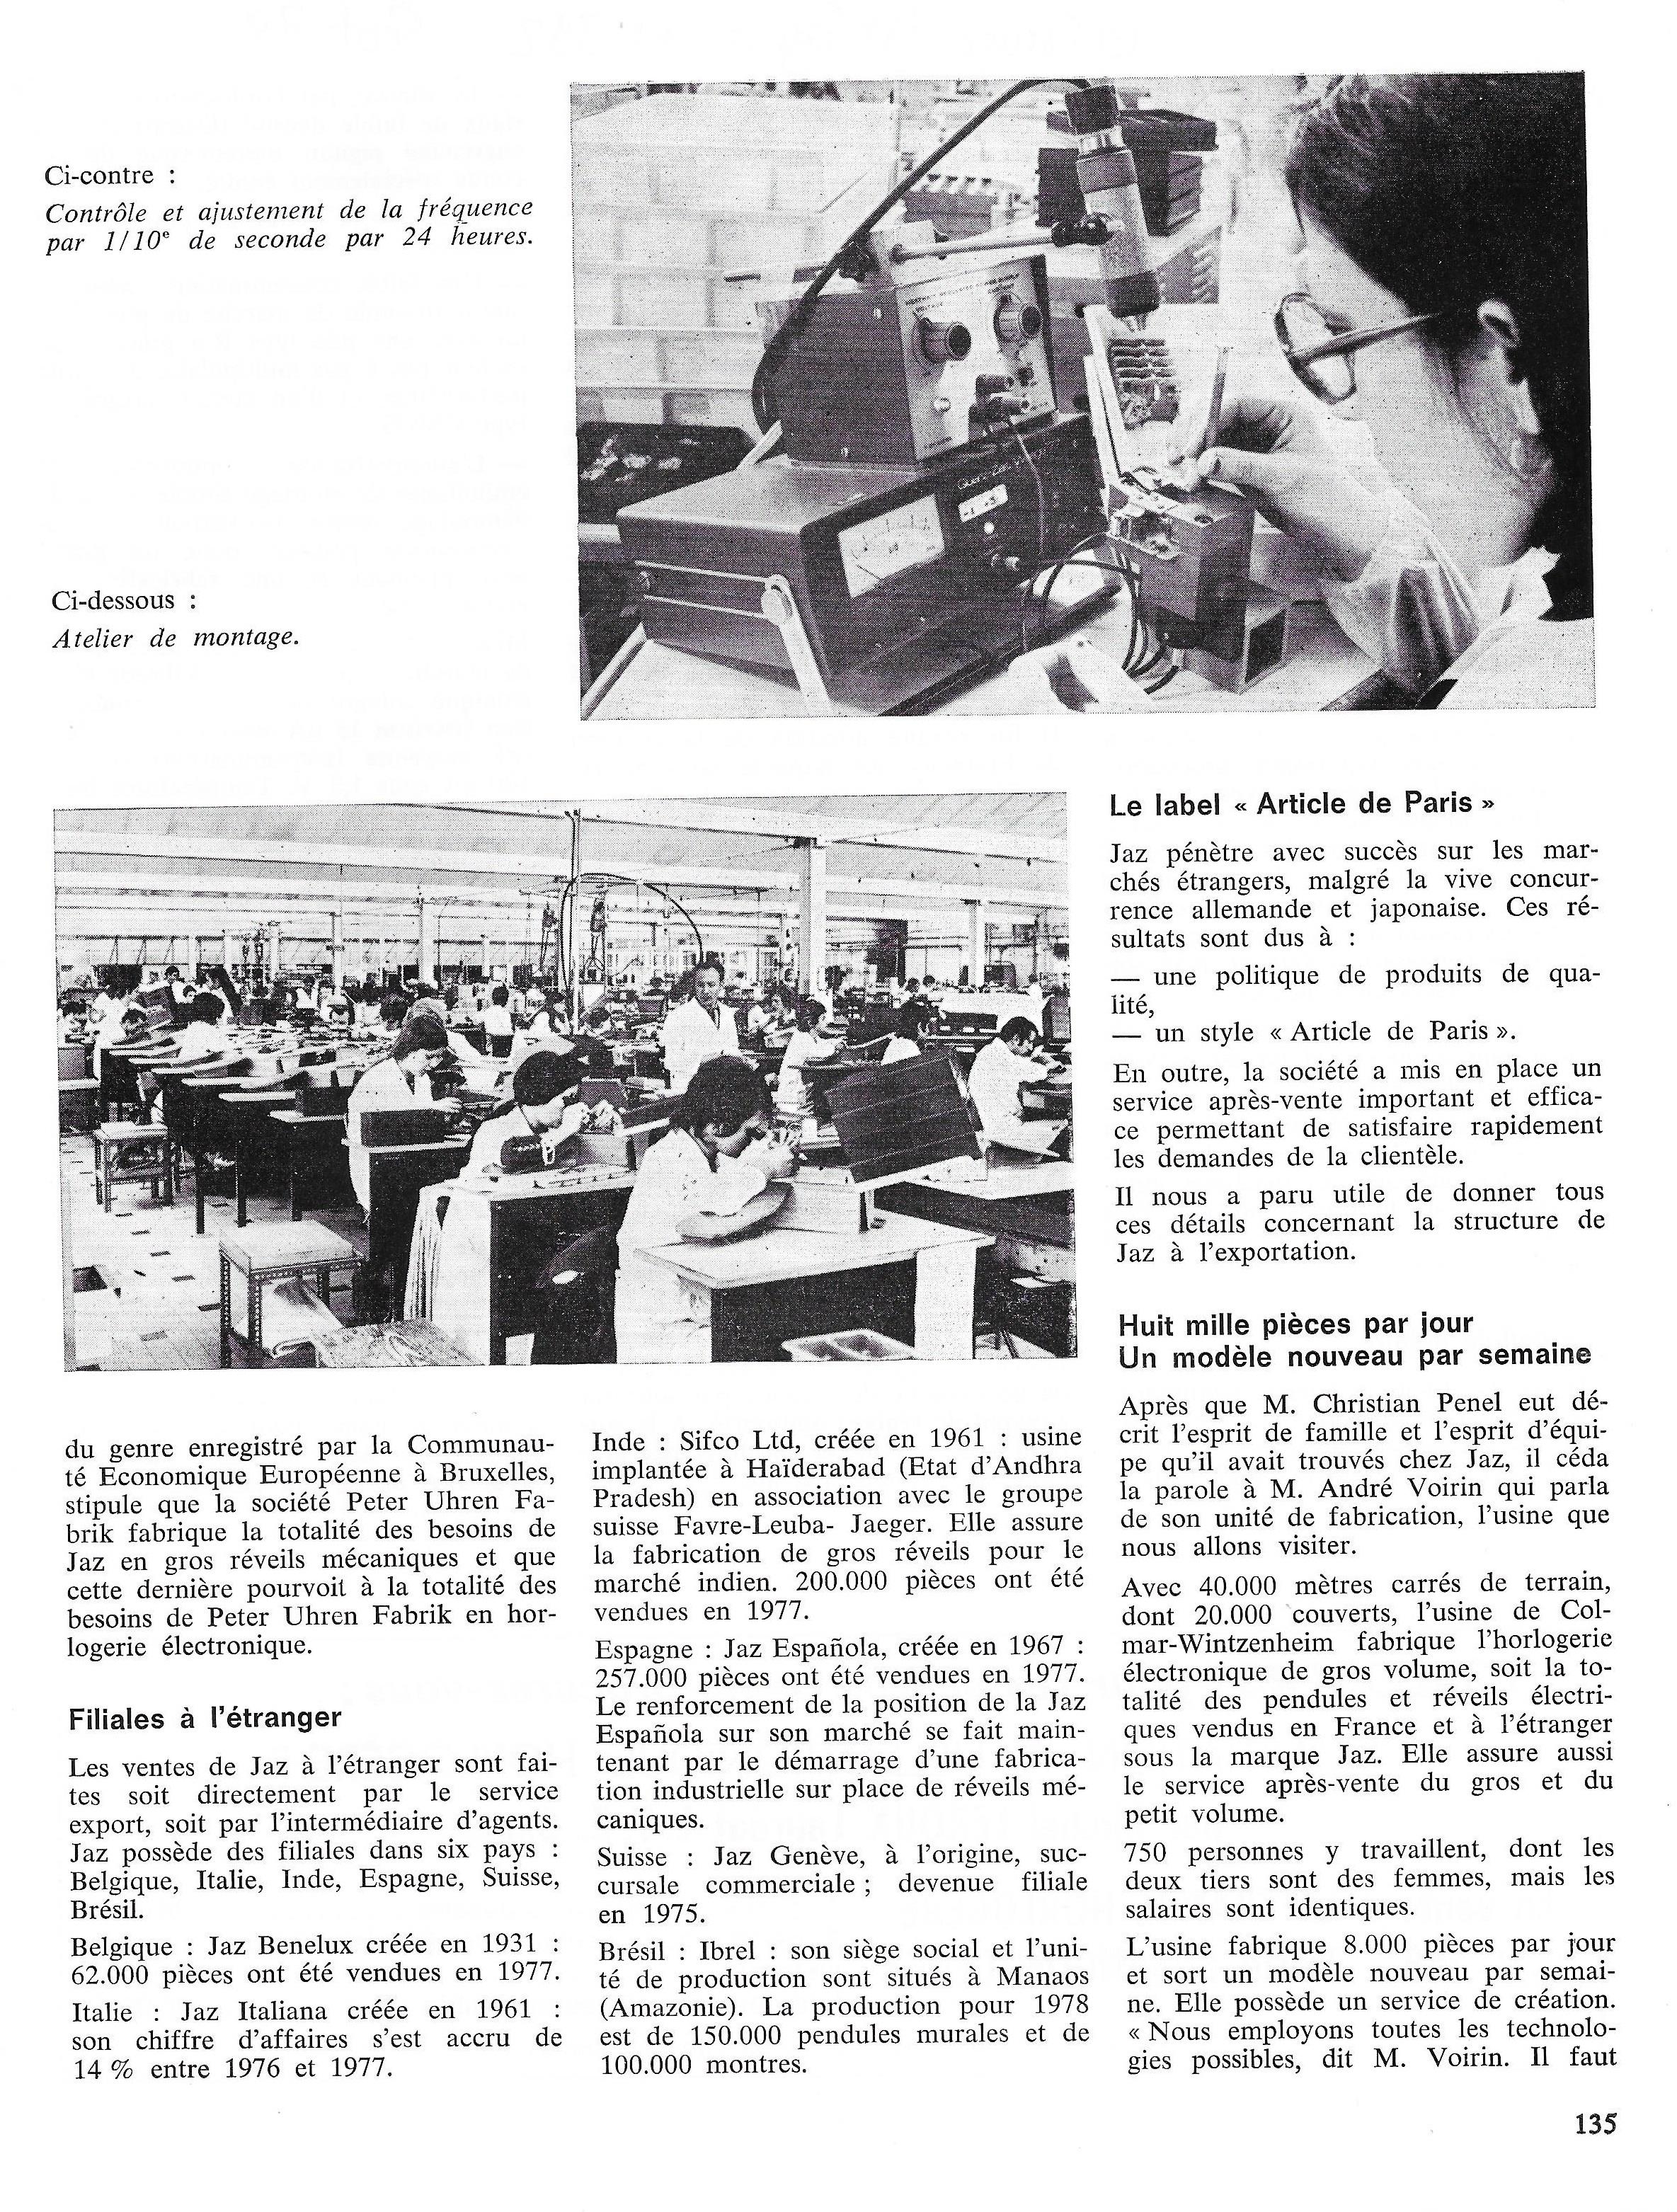 La France Horlogère n°392 sept 78 page 135